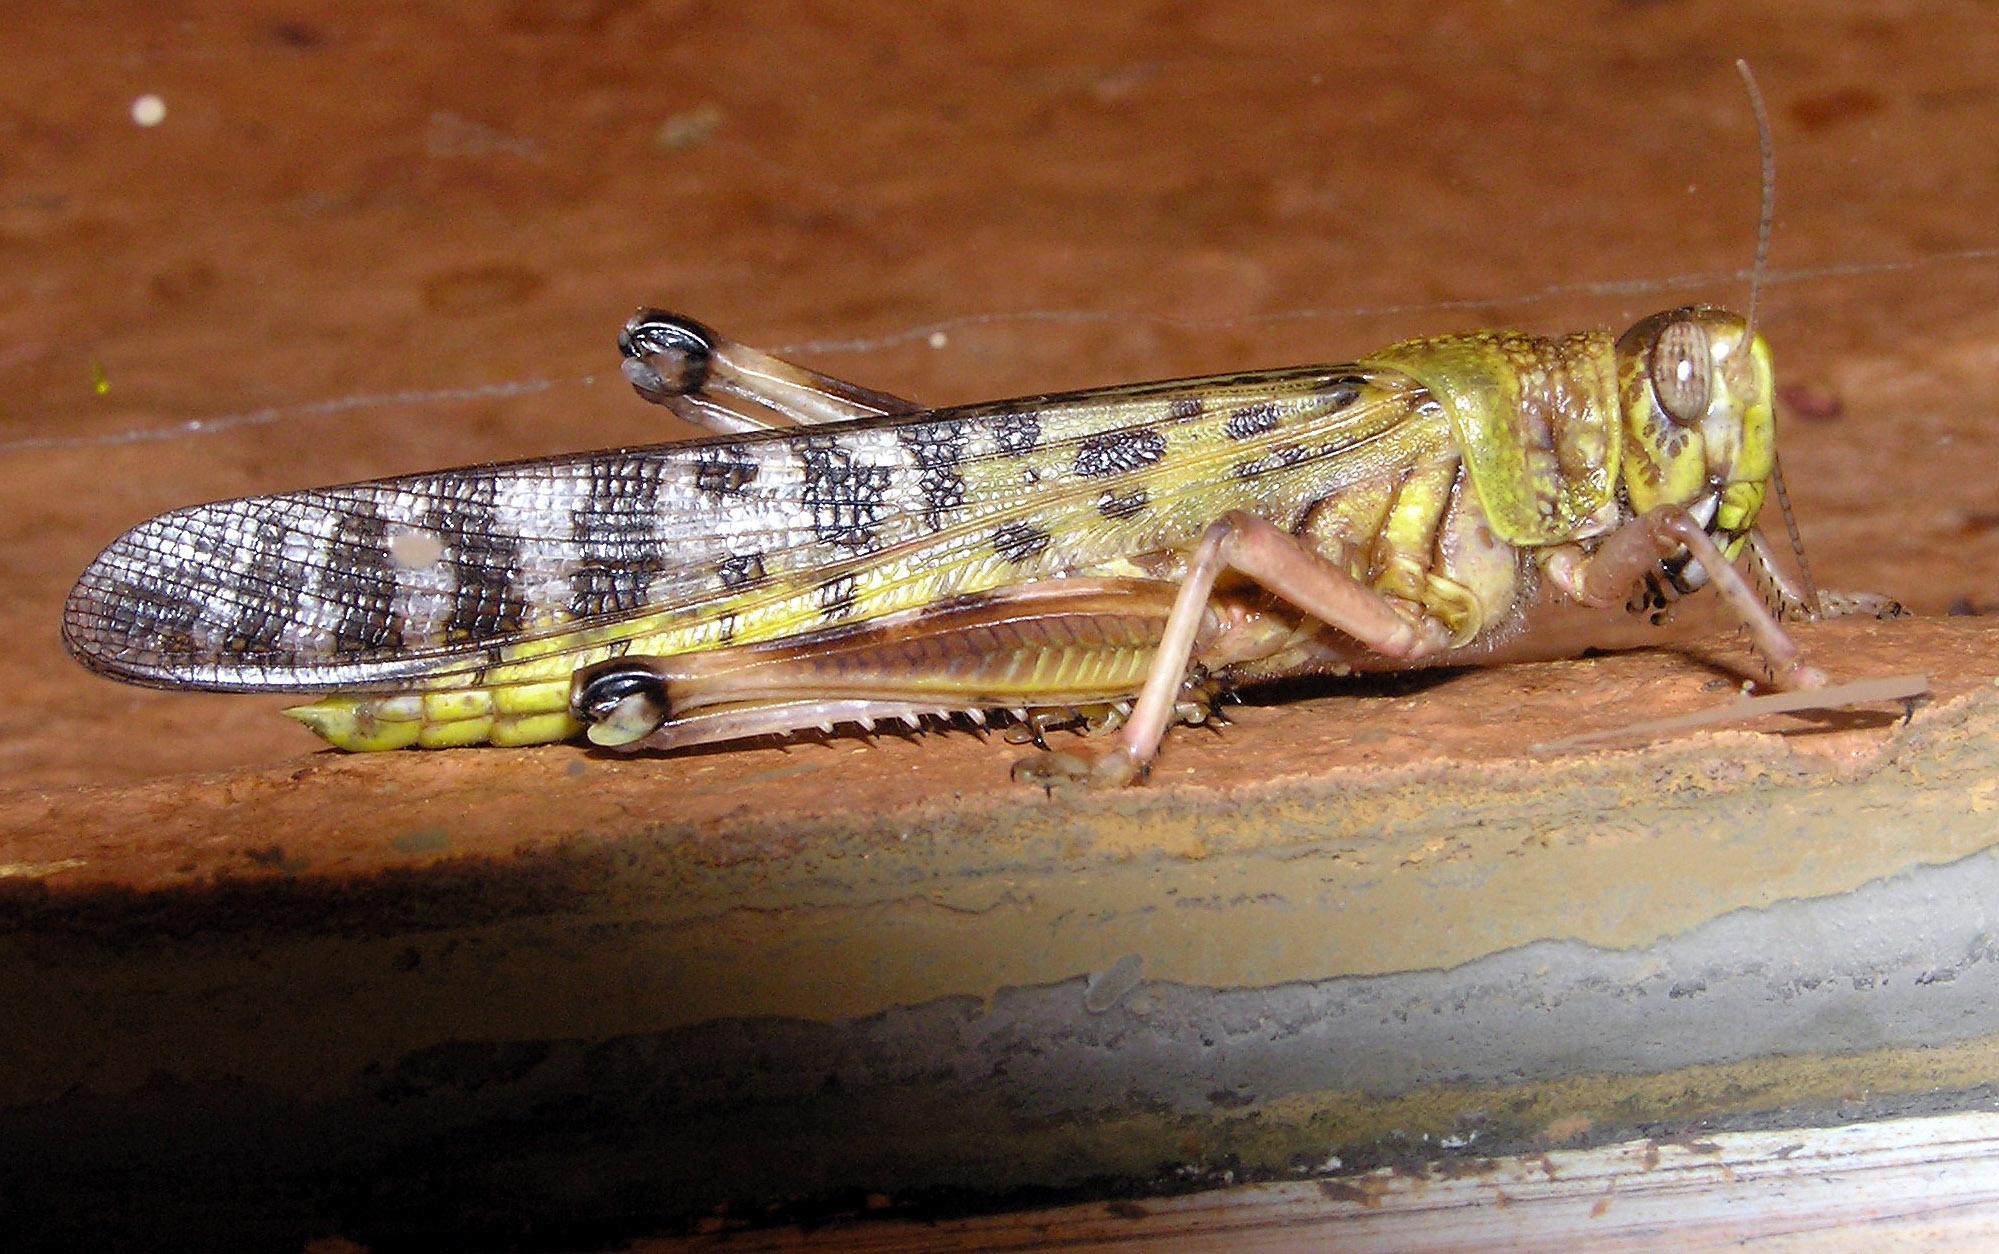 Archivo:Desert.locust.arp.jpg